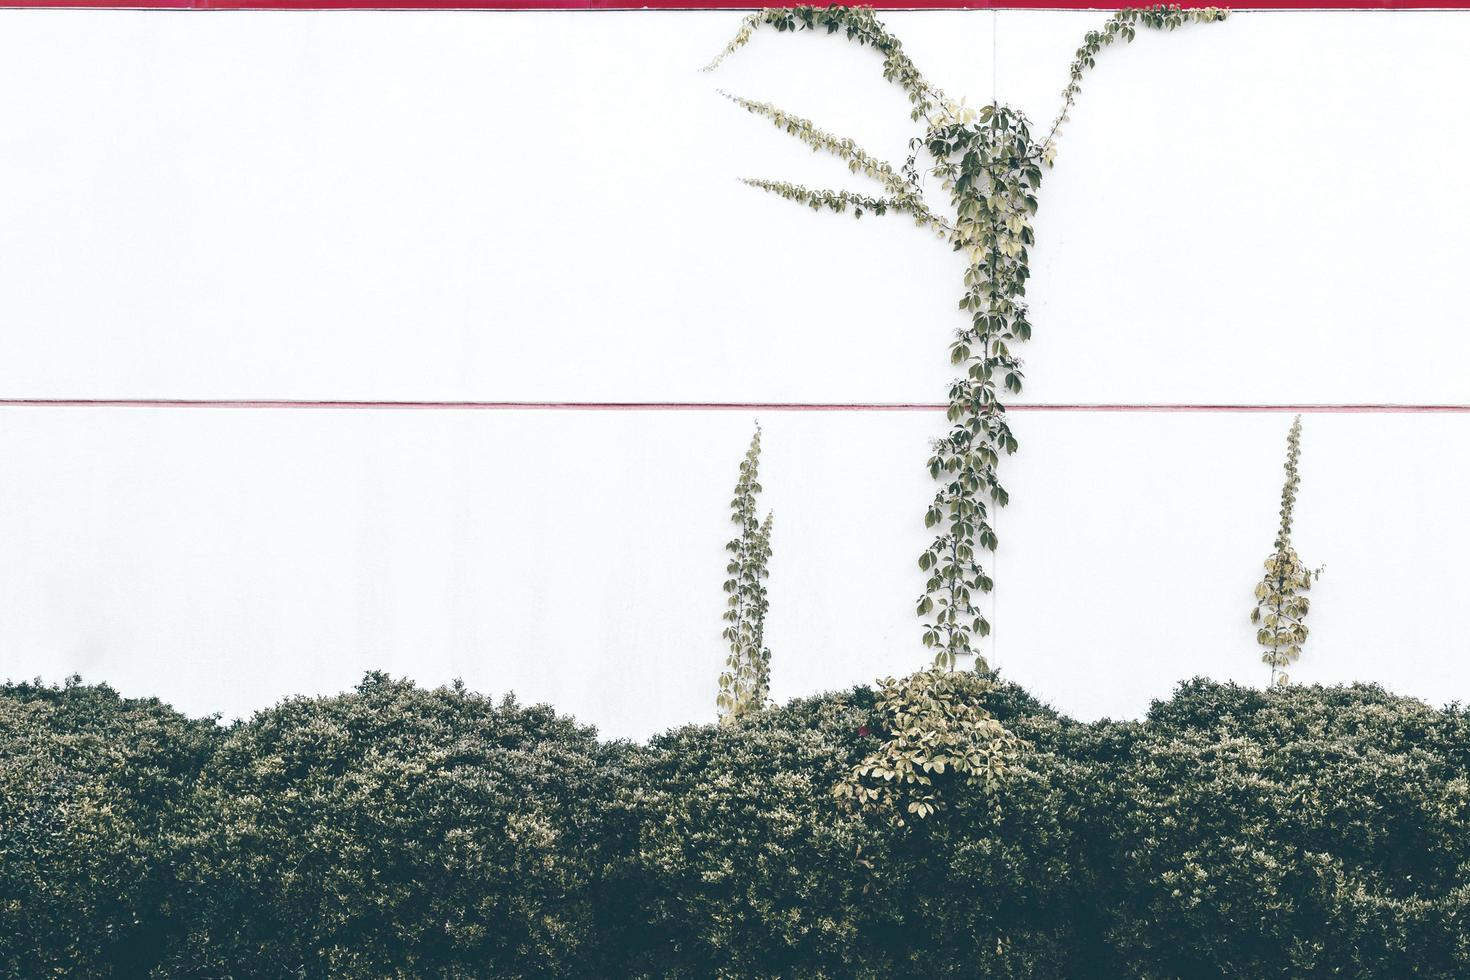 vignes vertes rampant sur un mur photo